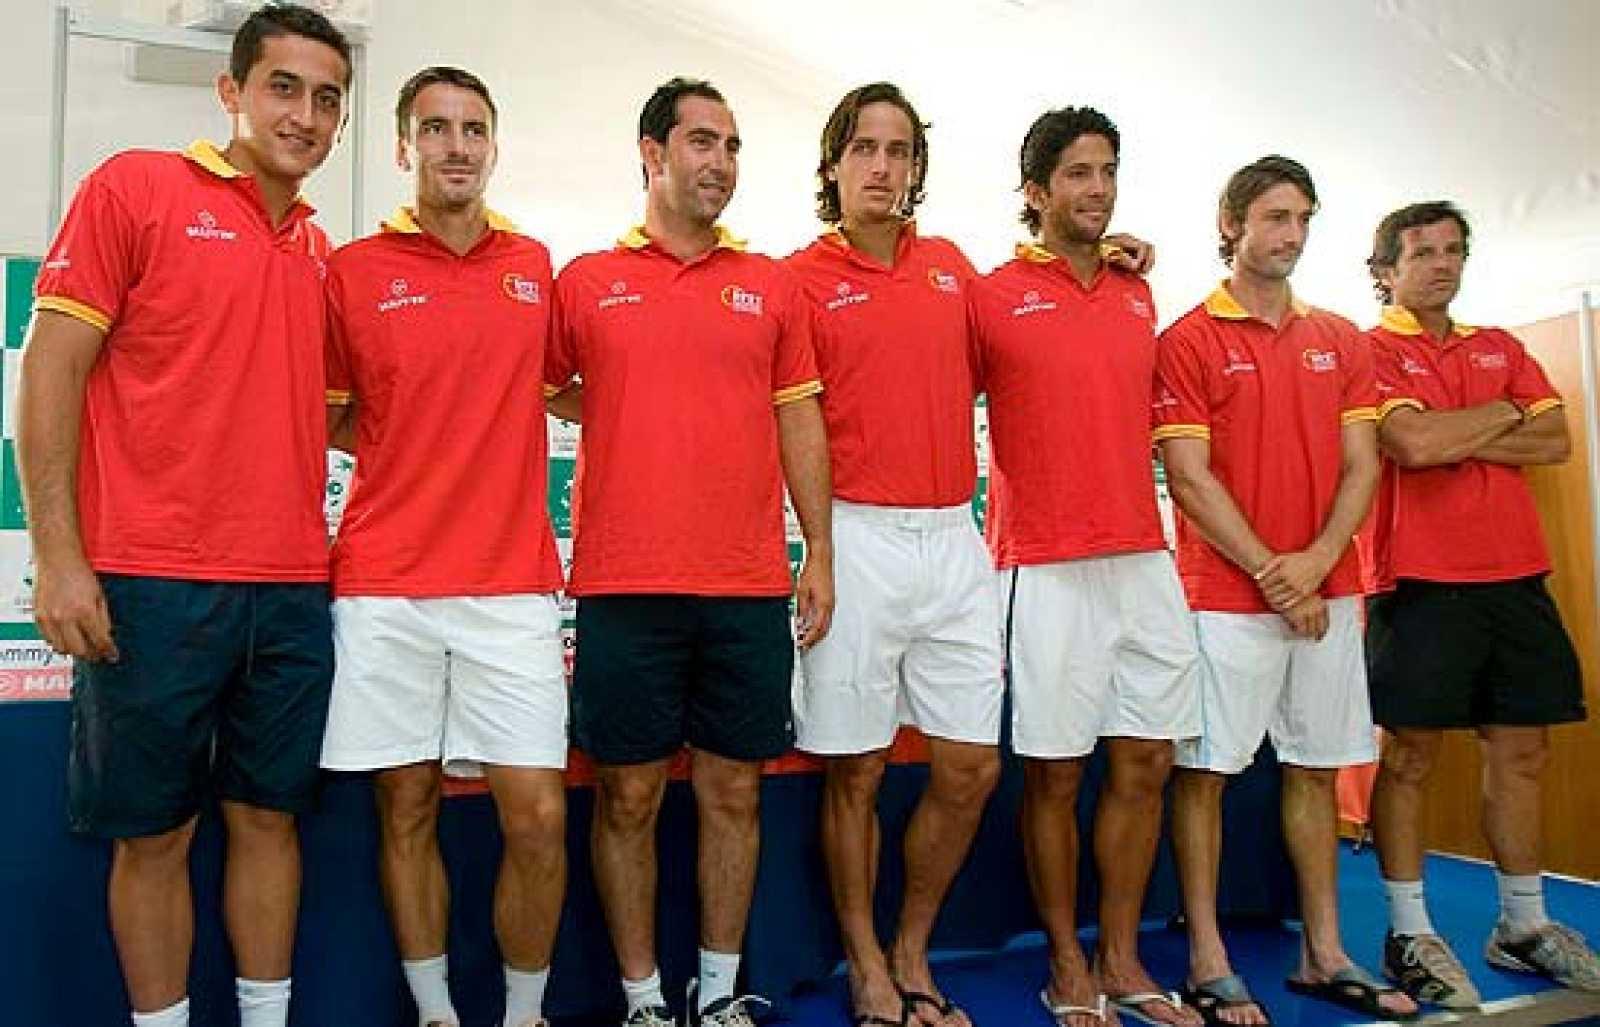 Este fin de semana arrancan los cuartos de final de la Copa Davis, en Marbella. España se endrenta a Alemania, sin Rafa Nadal y sin Ferrer.